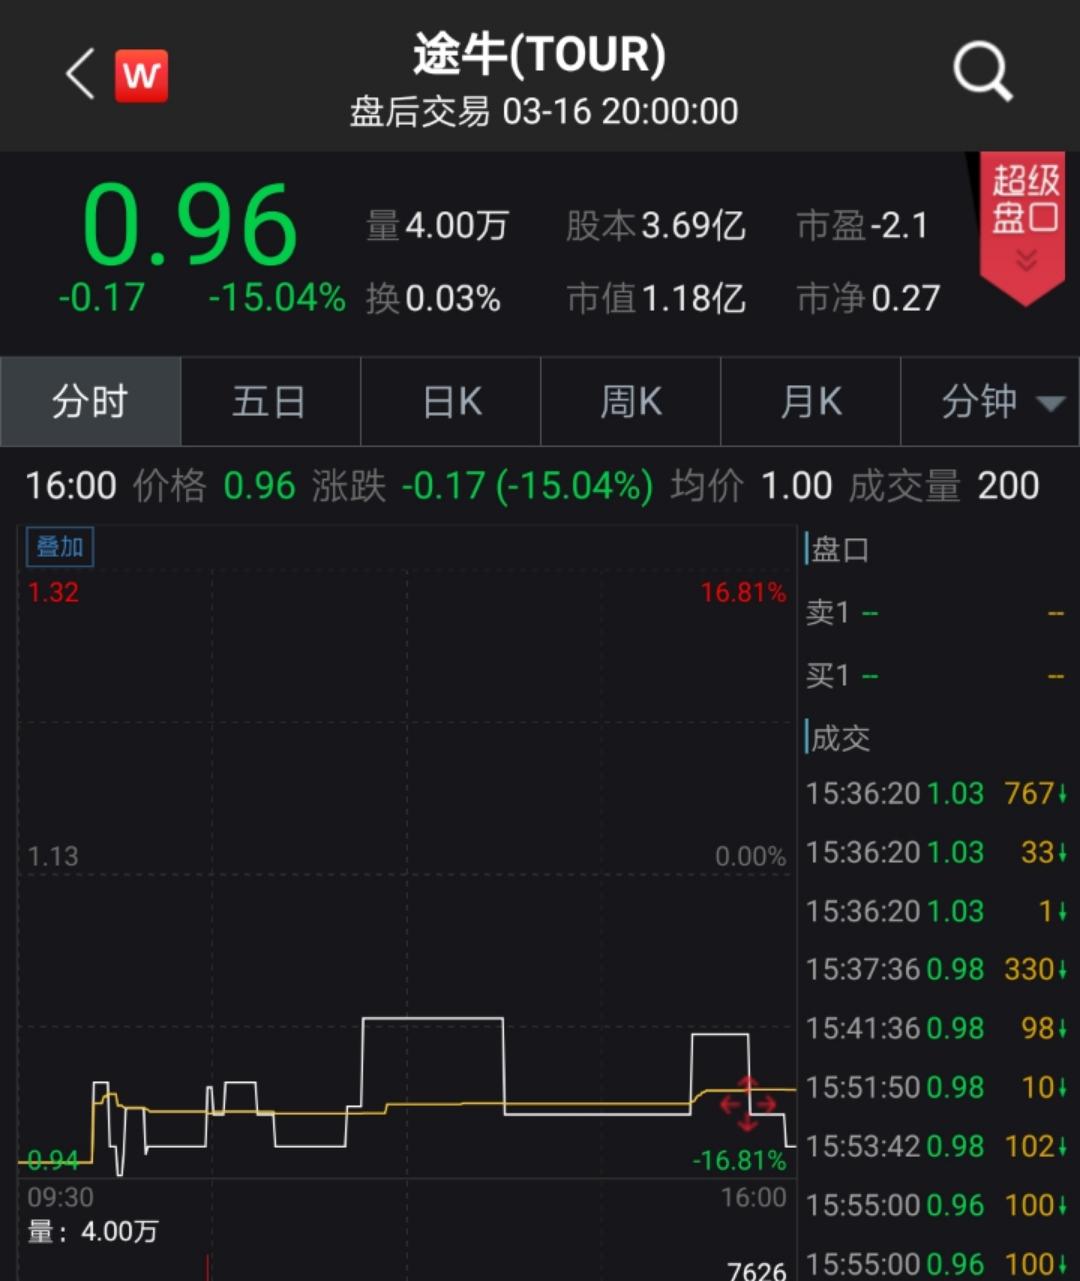 途牛旅游3月16日股价走势 来源:Wind